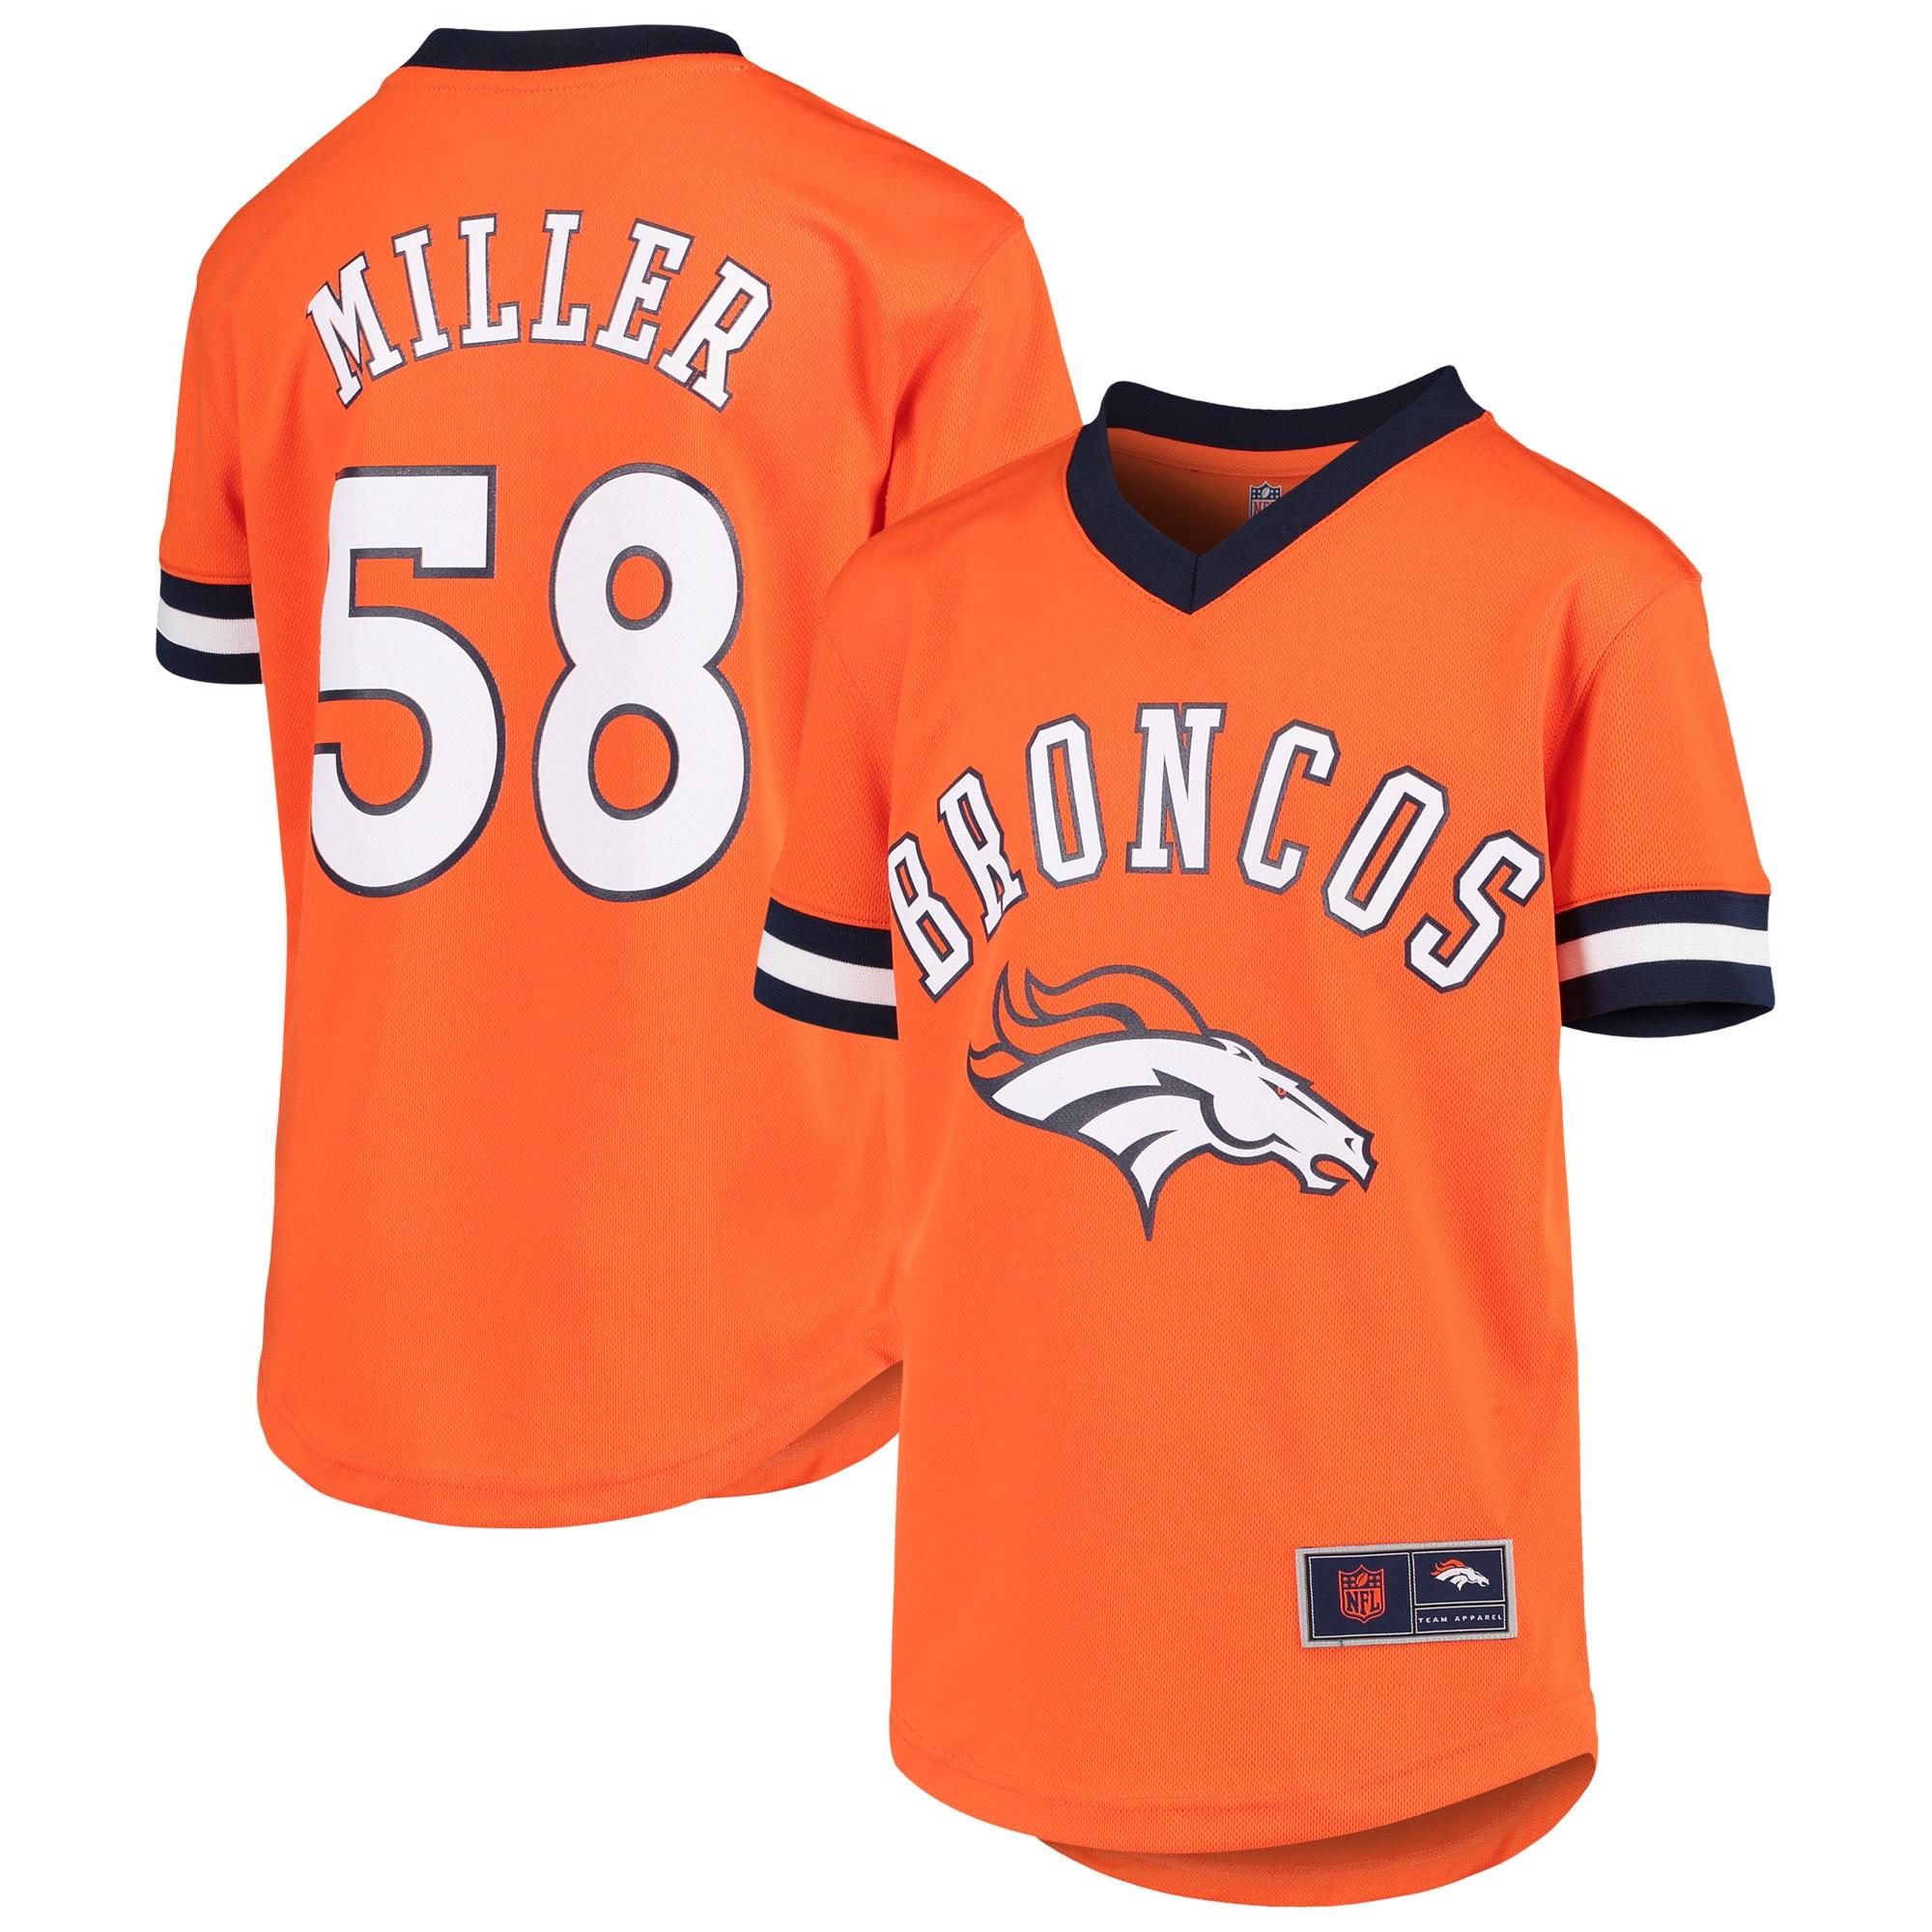 Von Miller Denver Broncos Youth Player Name & Number Fashion Mesh V-Neck Top - Orange